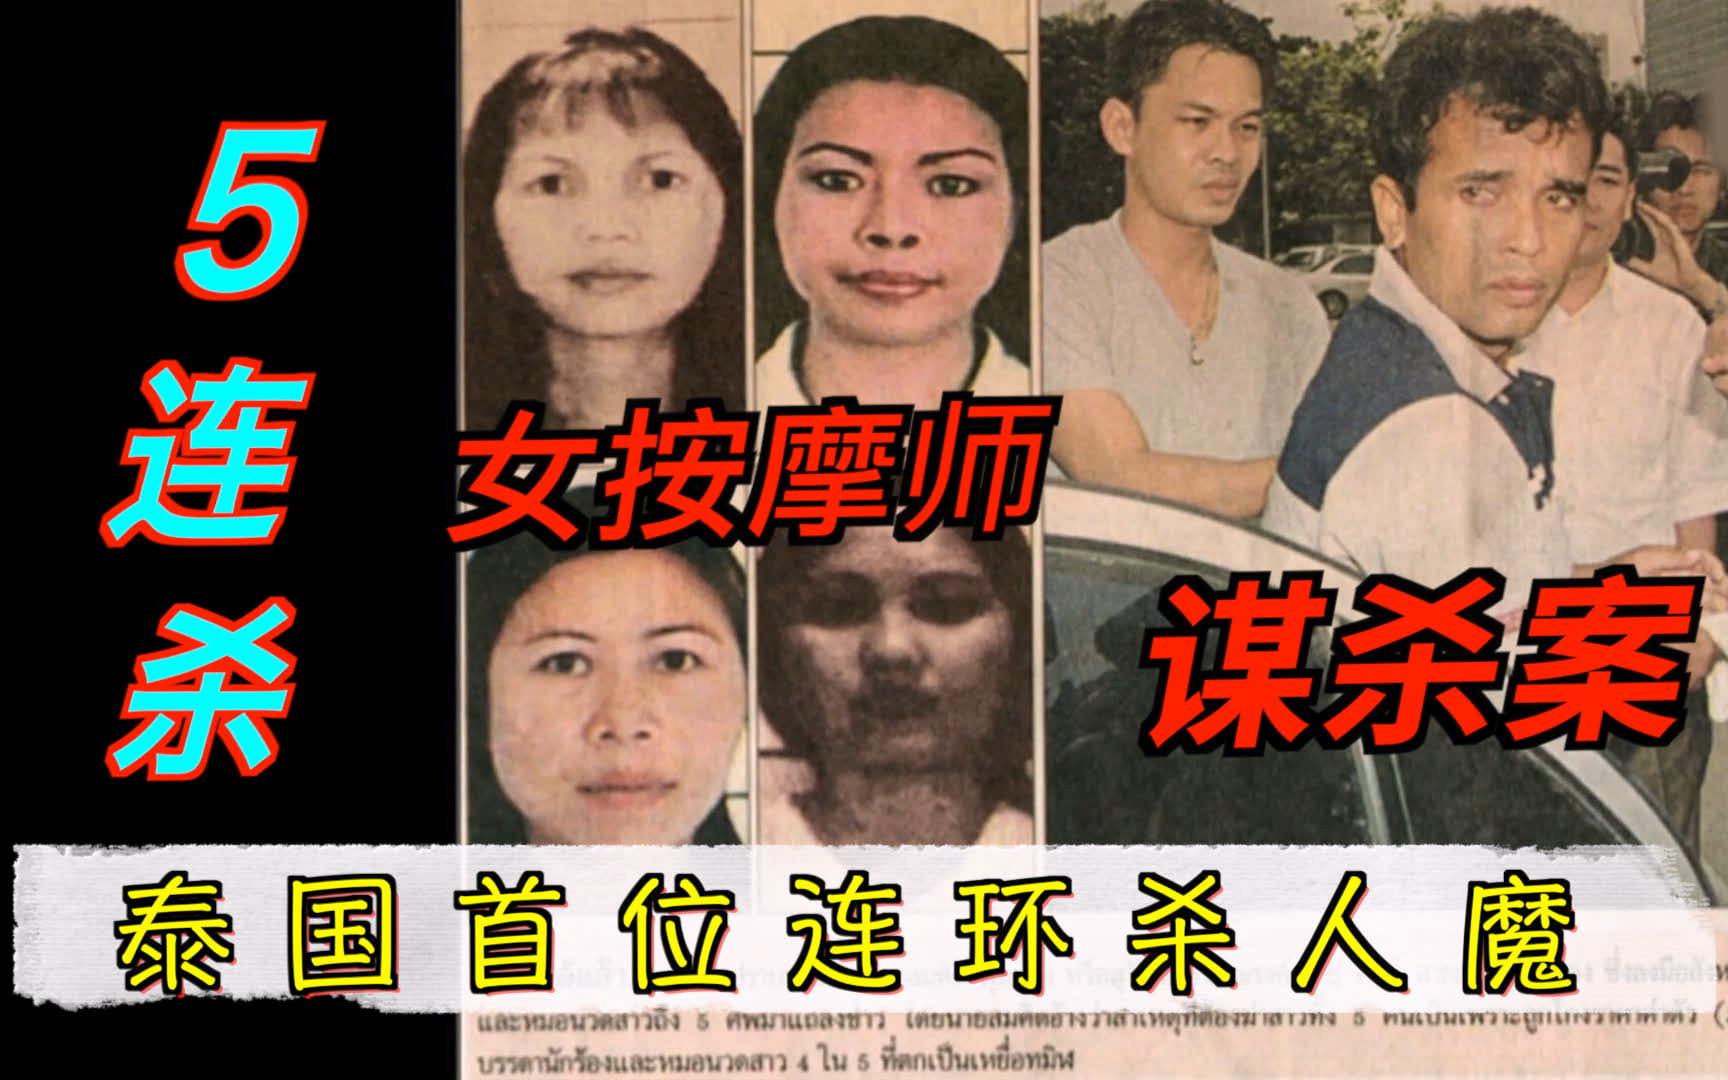 泰国首位连环杀手,五个月猎杀5名失足女性。审讯期间,向警察提出,去红灯区过夜